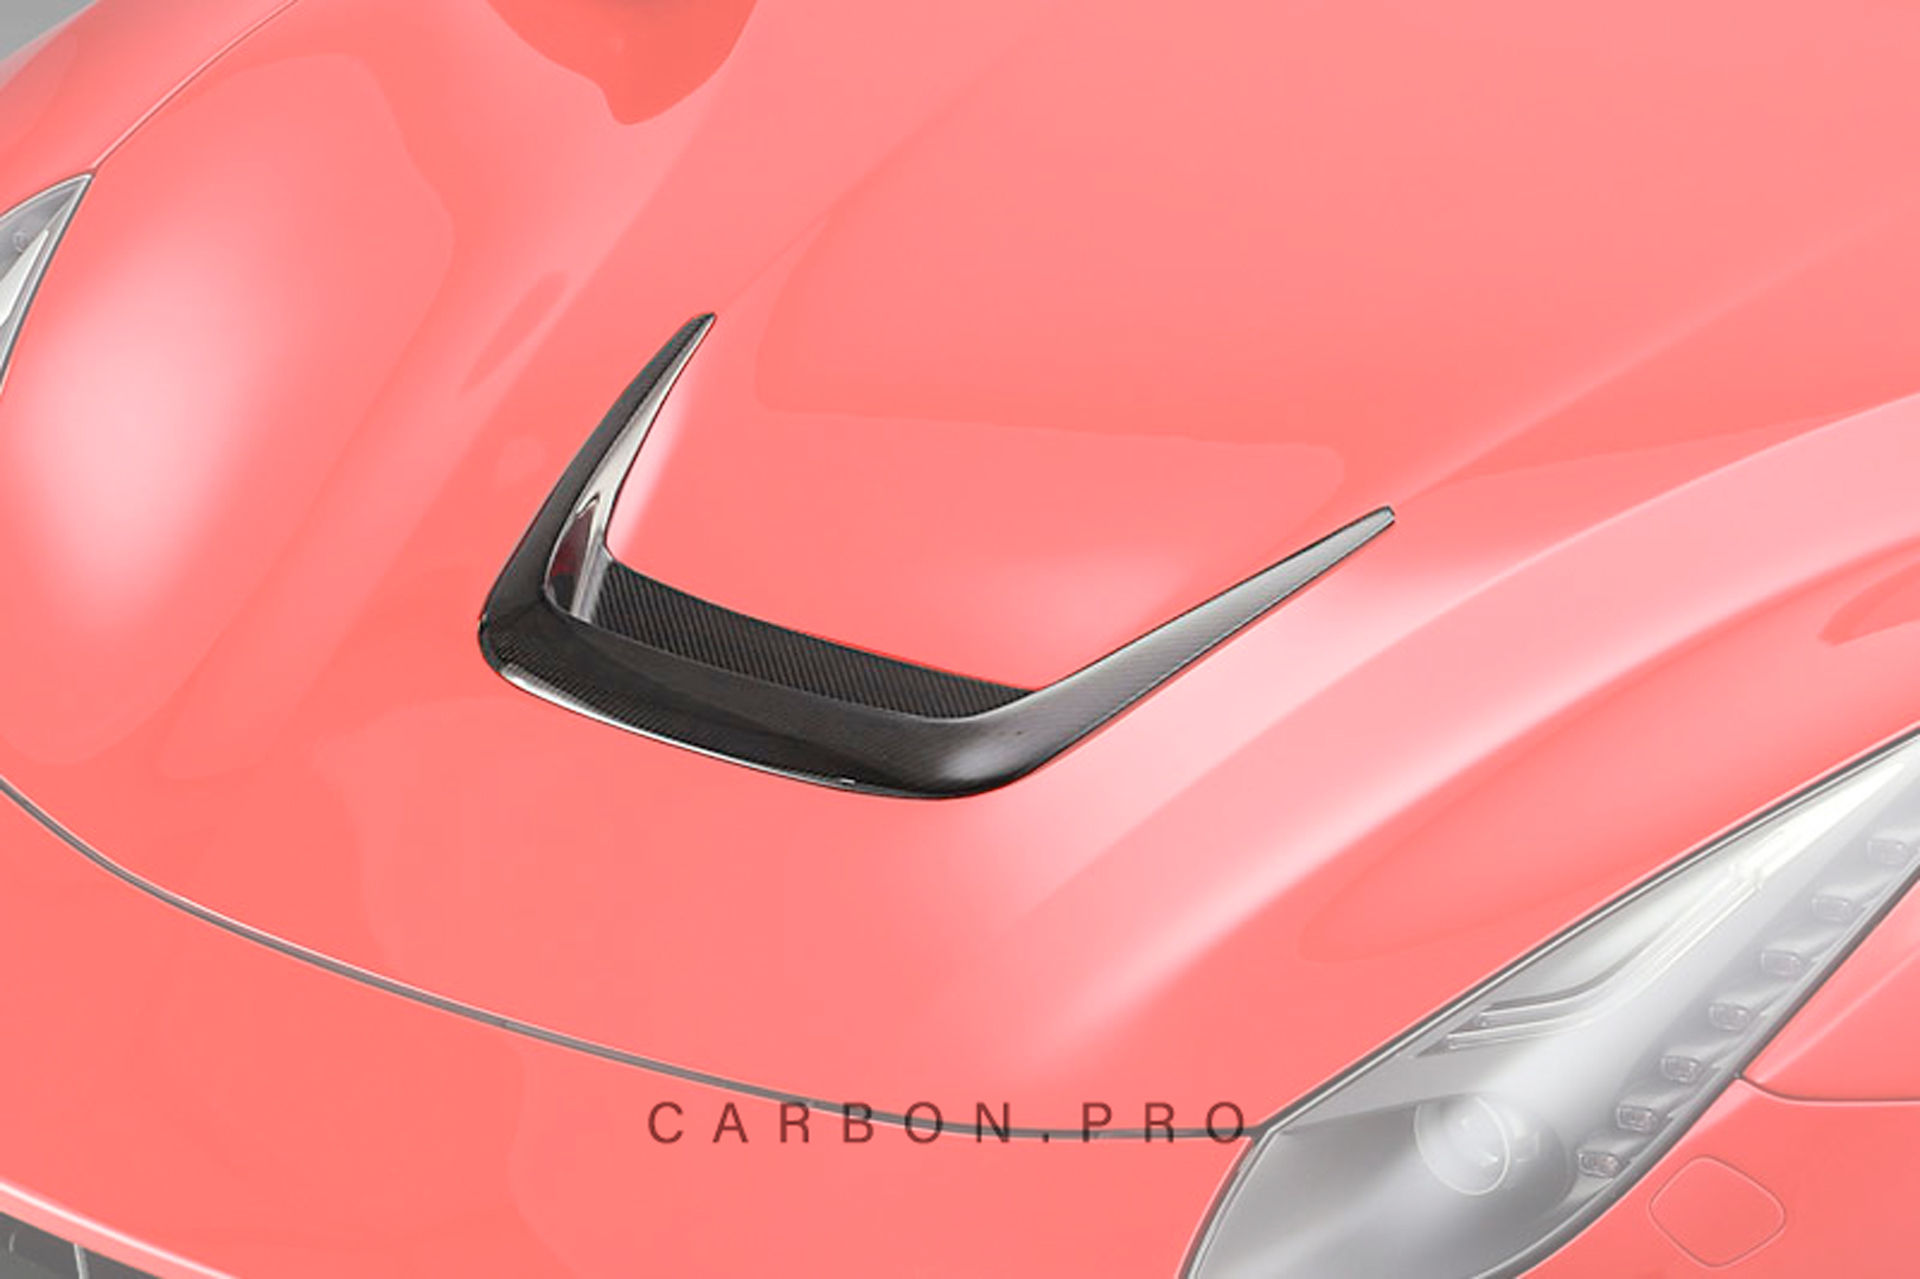 Карбоновая вставка в центральный воздухозаборник капота Novitec Style для Ferrari F12 Вerlinetta